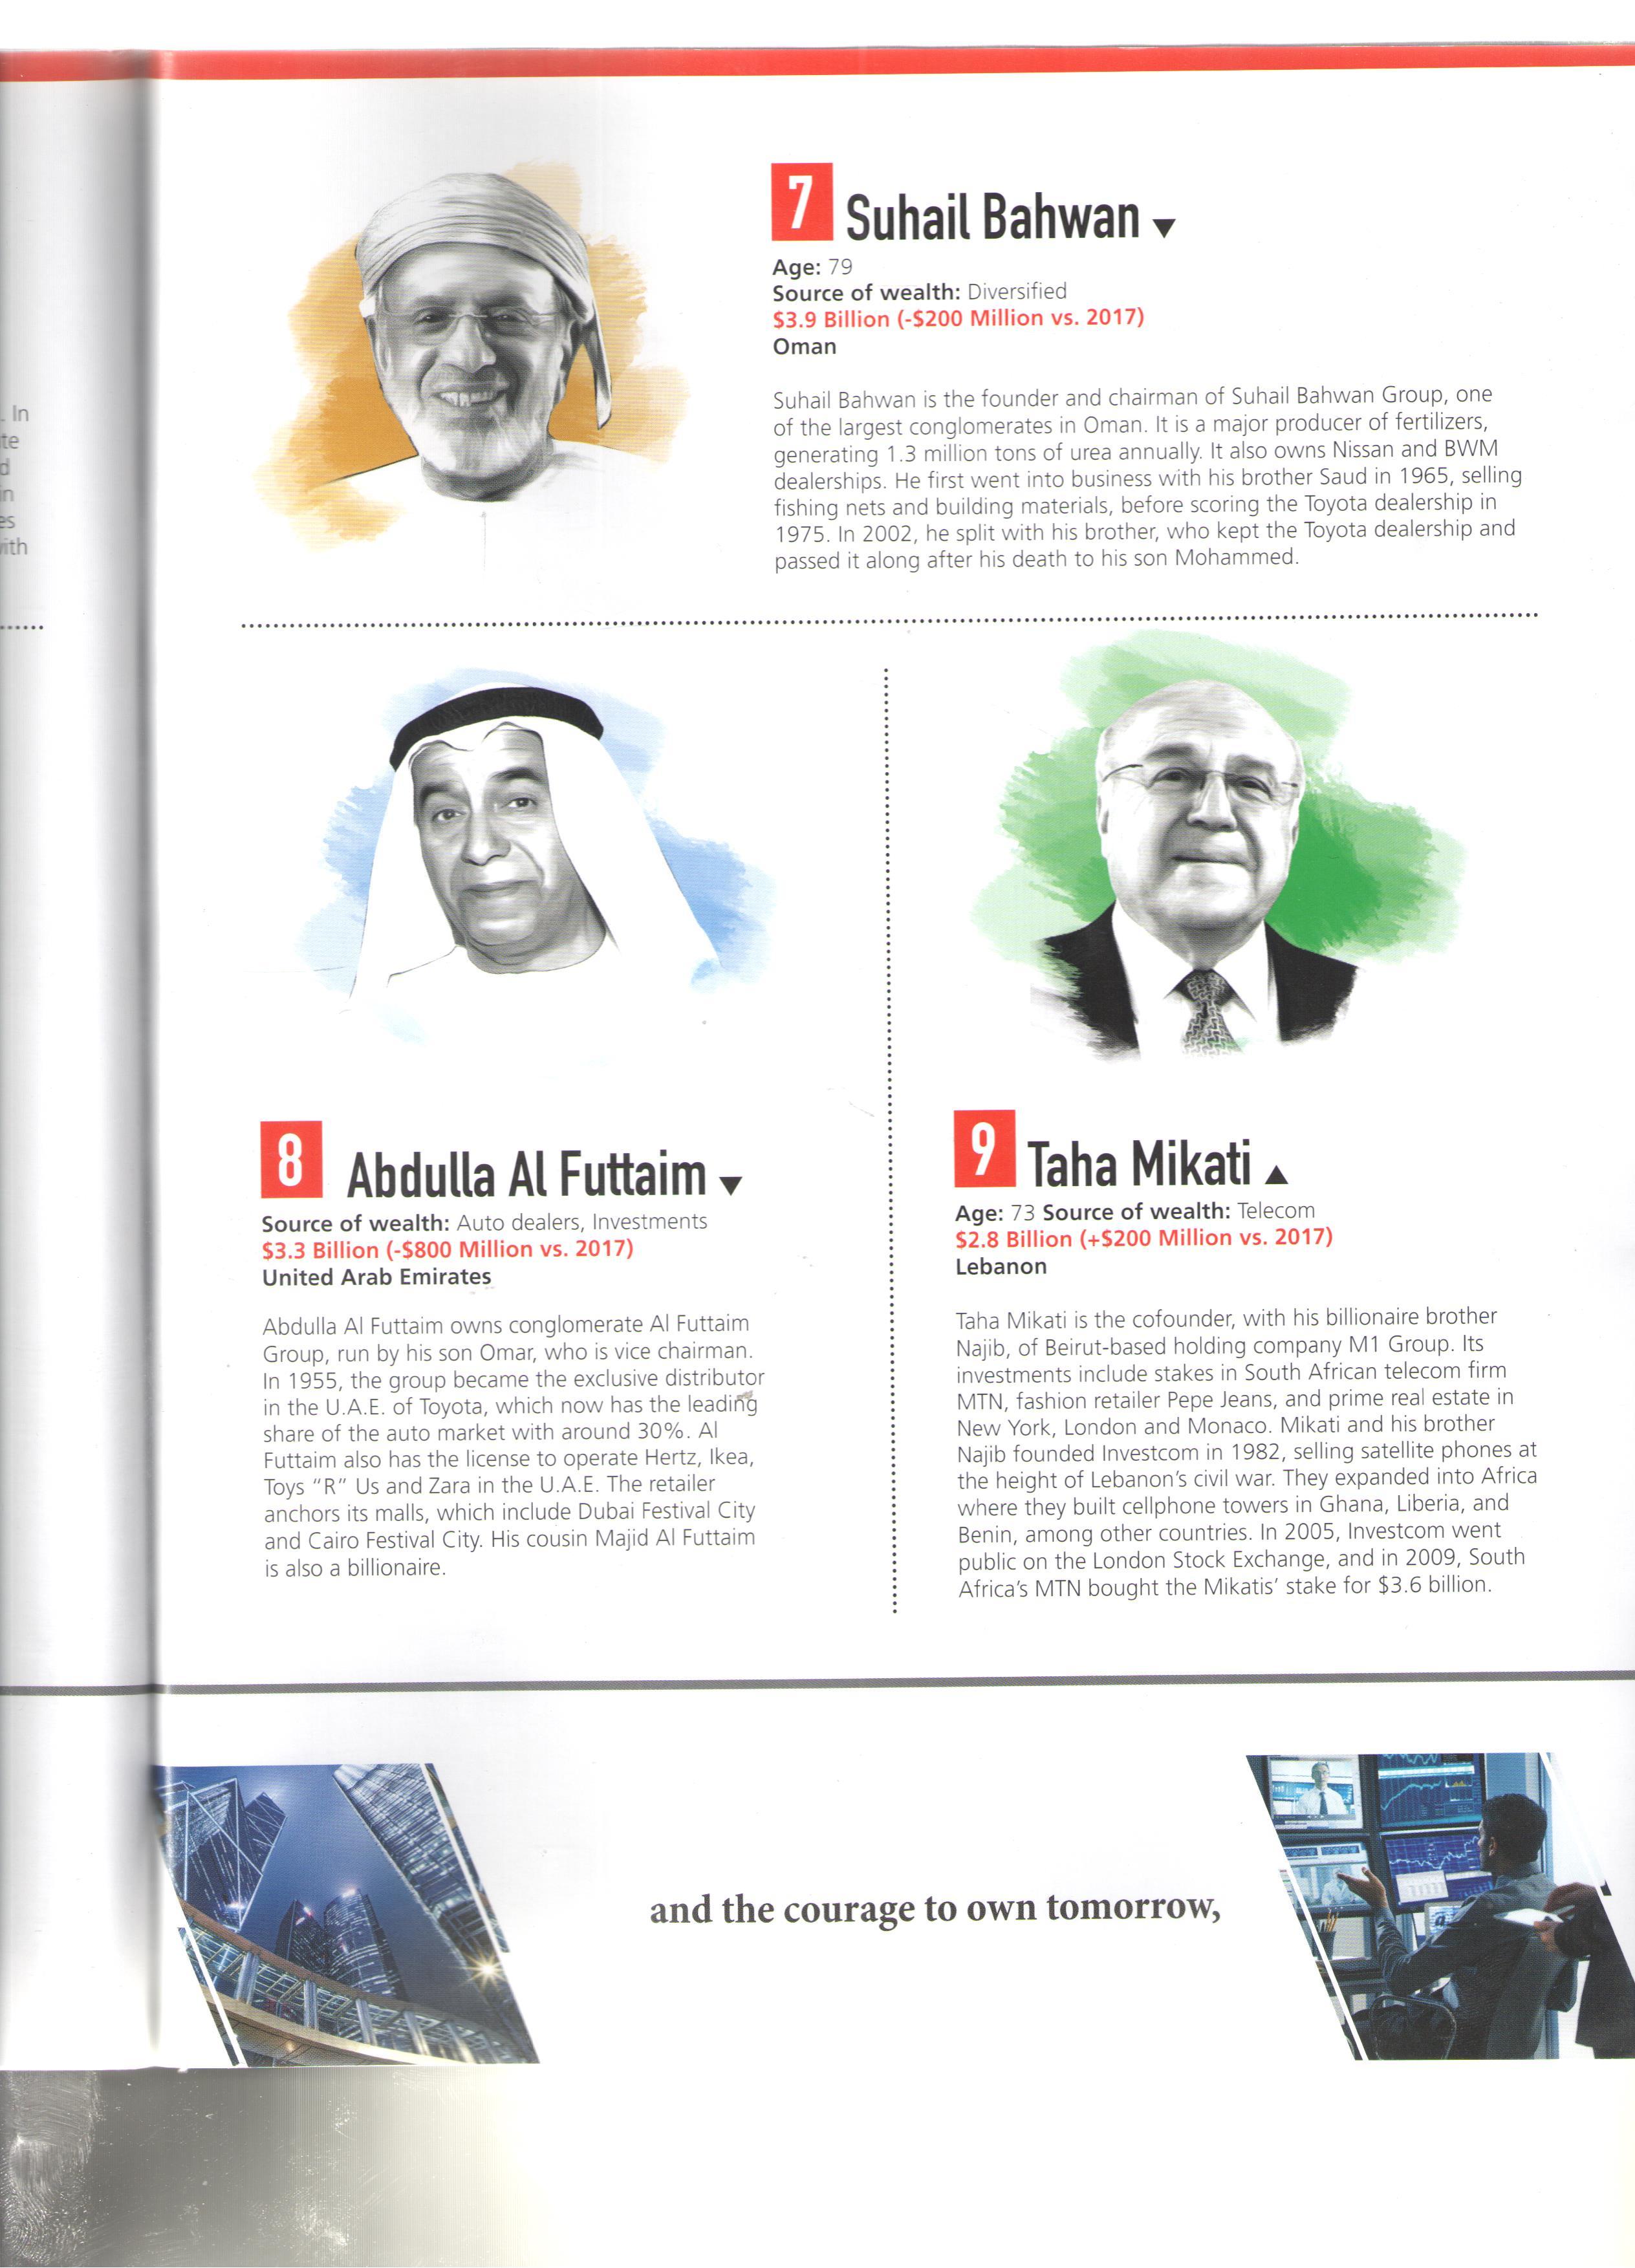 تصنيف فوربس لأثرياء العرب فى 2018